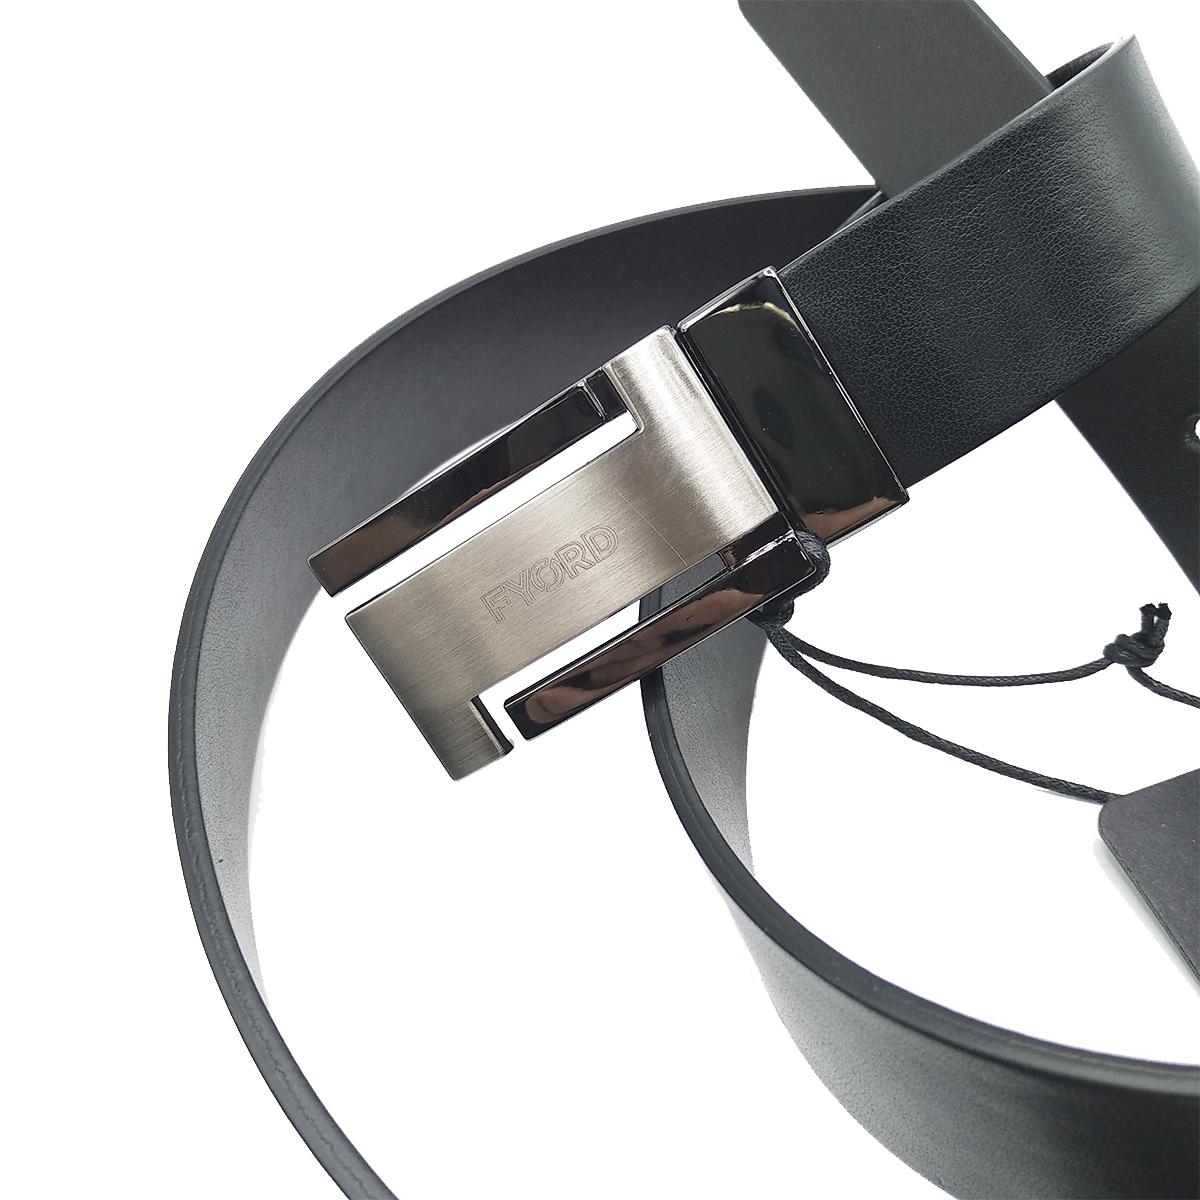 Cinturón de Cuero Natural de la marca Fyor